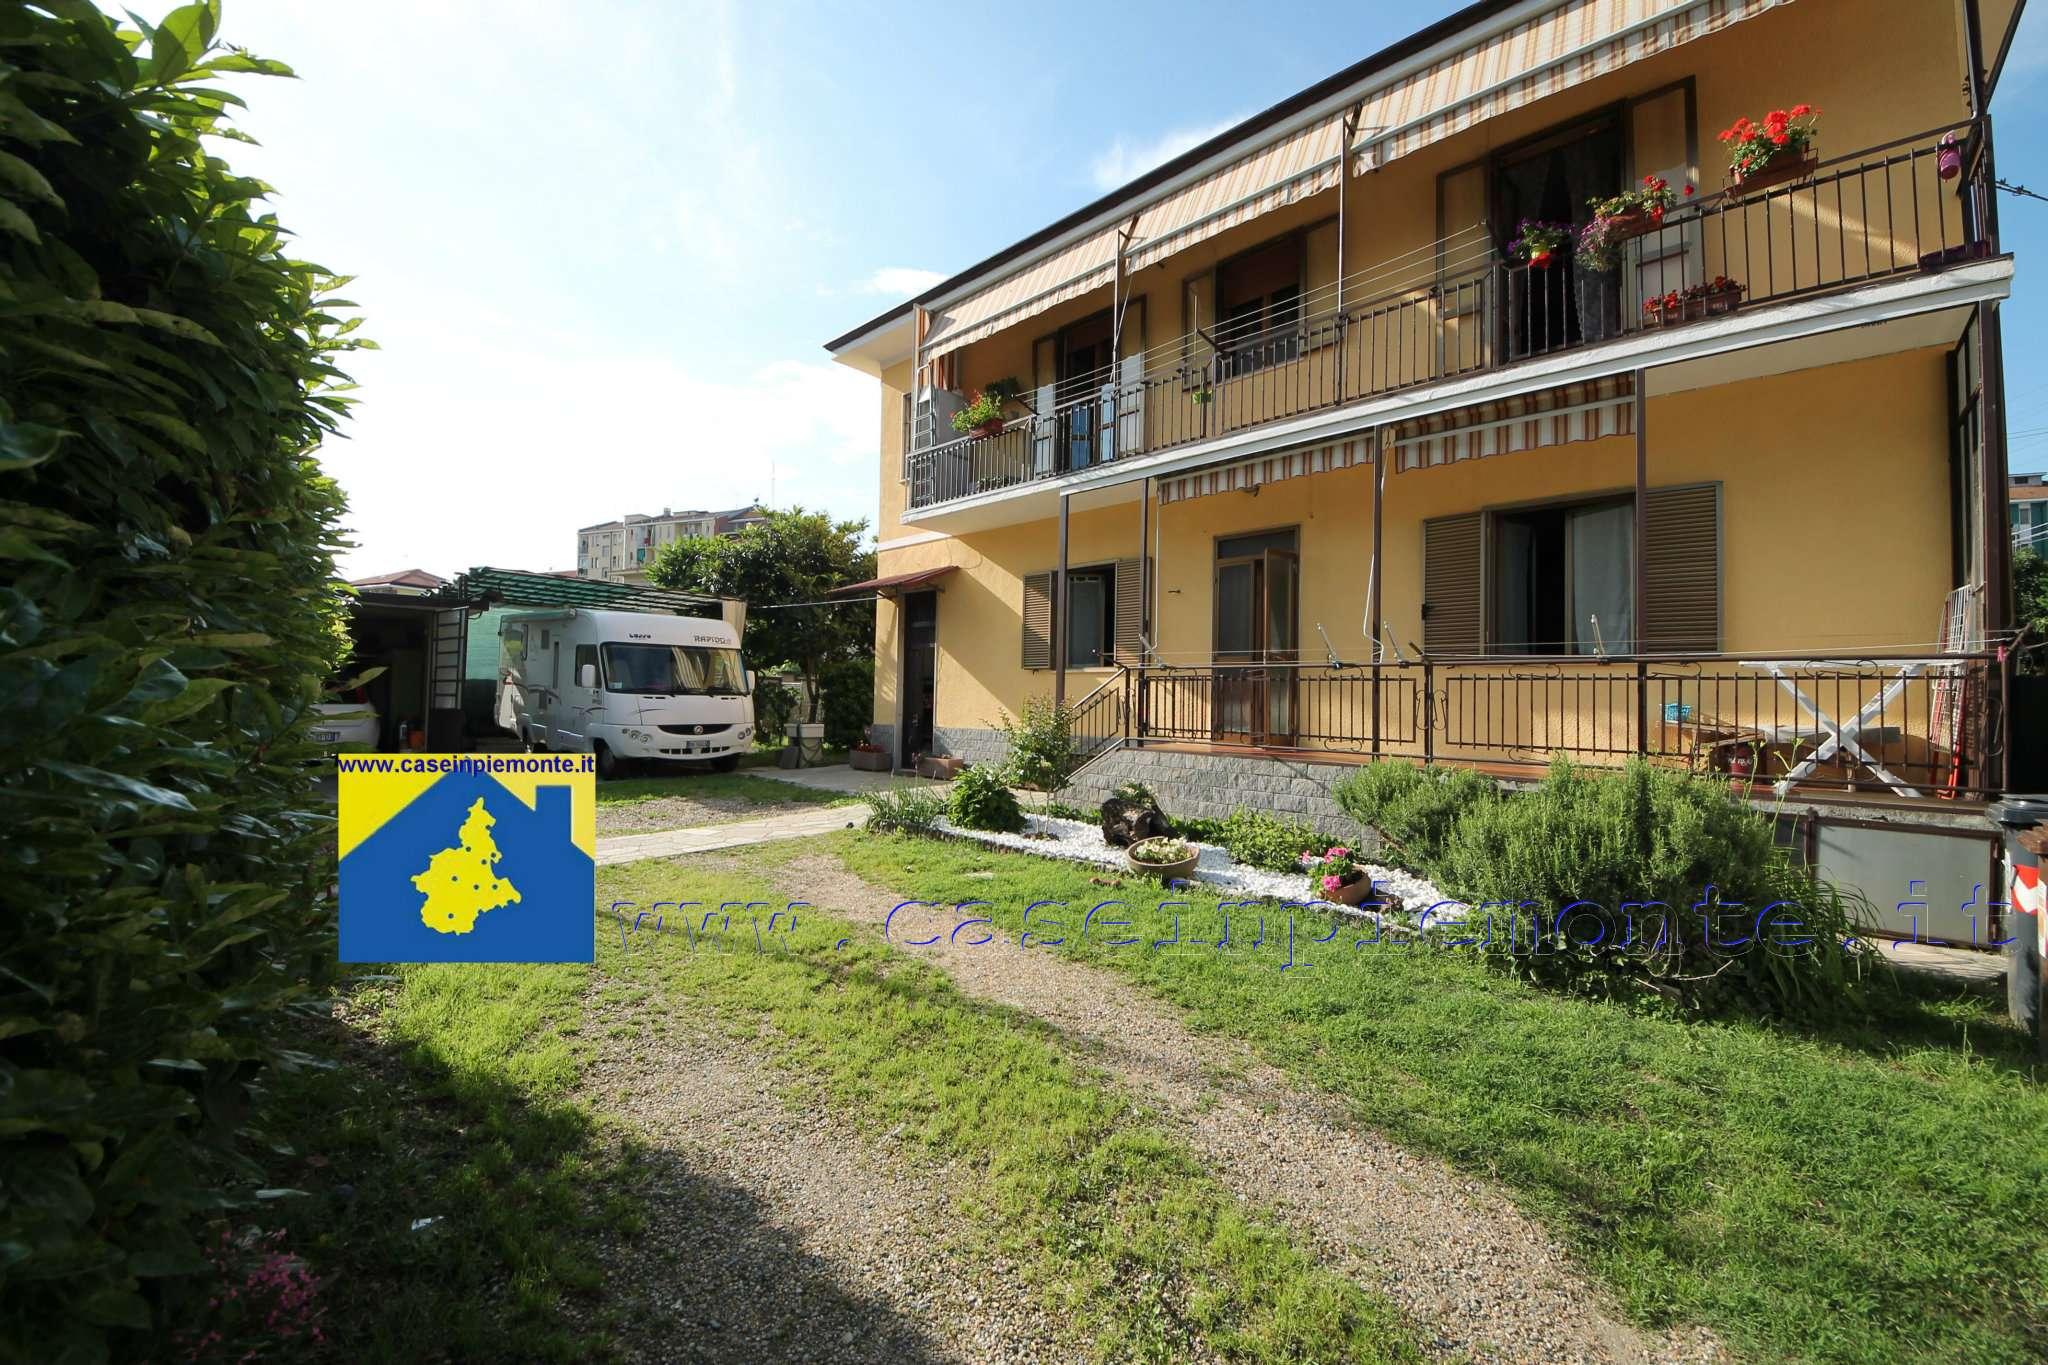 Soluzione Indipendente in vendita a Rivoli, 6 locali, prezzo € 320.000 | CambioCasa.it